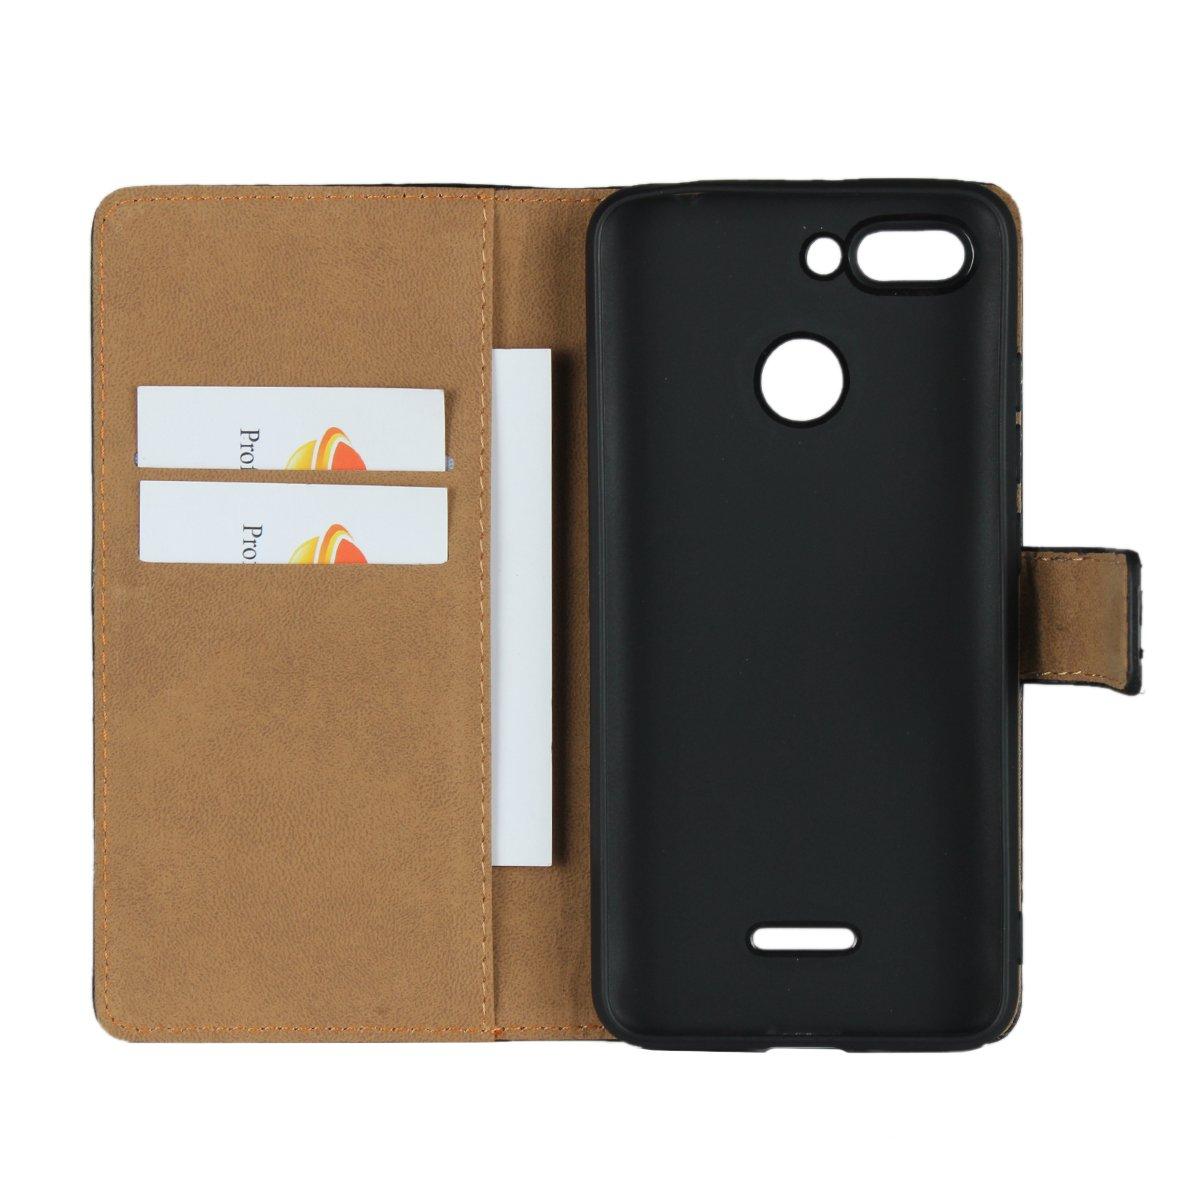 Aopan Xiaomi Redmi 6 Funda, Flip Funda de Cuero Genuina Piel Carcasa para Xiaomi Redmi 6, Negro: Amazon.es: Electrónica